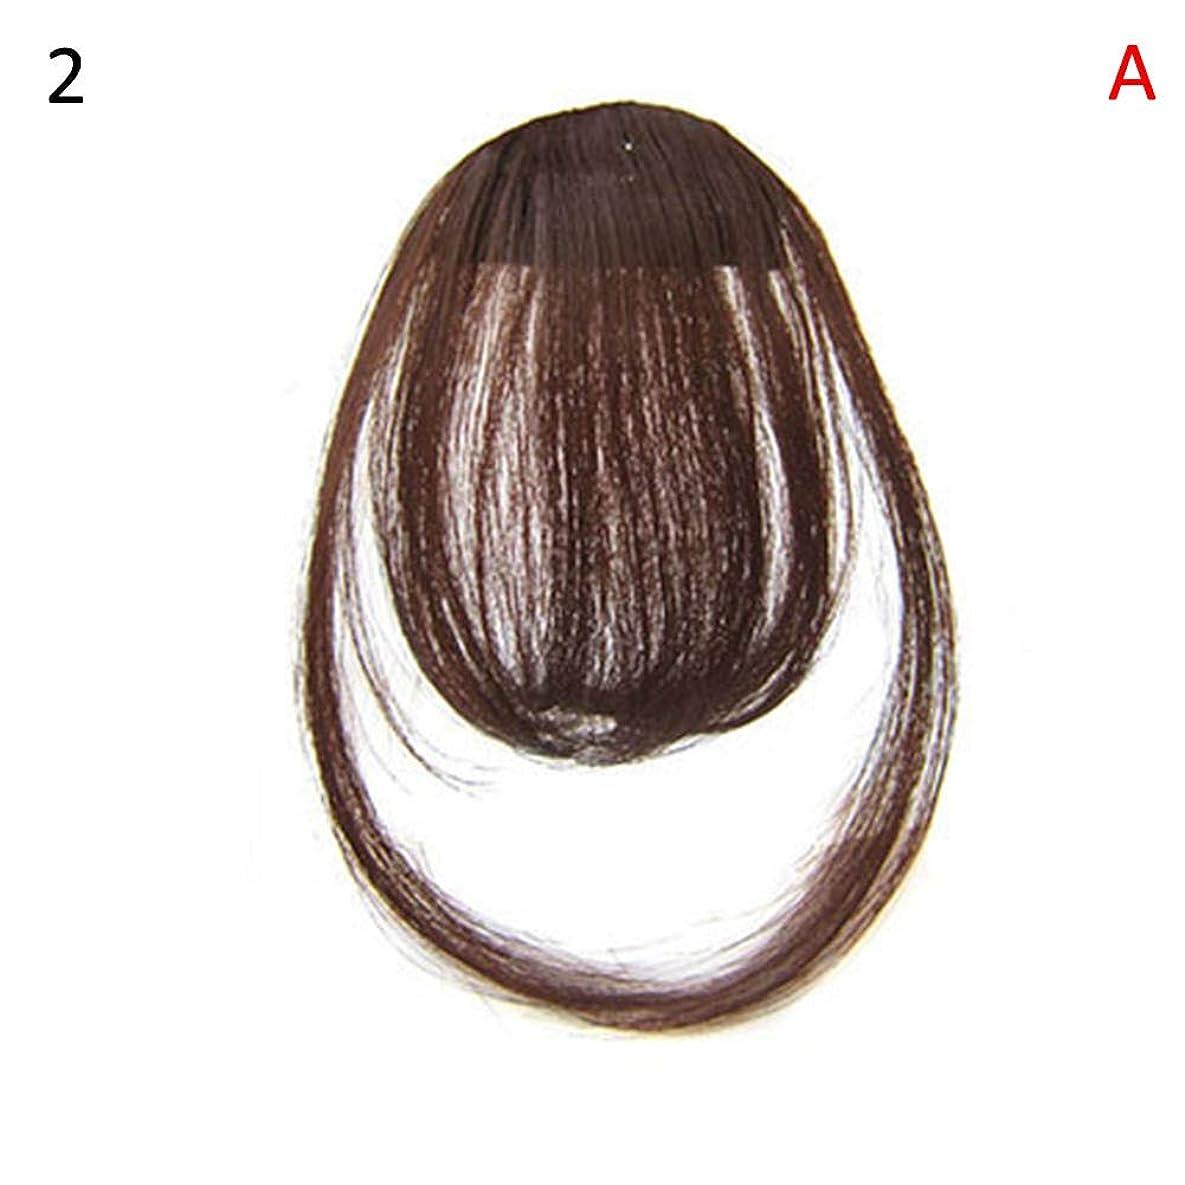 スタンドクラシカルブリーフケースslQinjiansav女性ウィッグ修理ツールファッションレディース薄いクリップオンエアバンフロントフリンジウィッグヘアエクステンションヘアピース